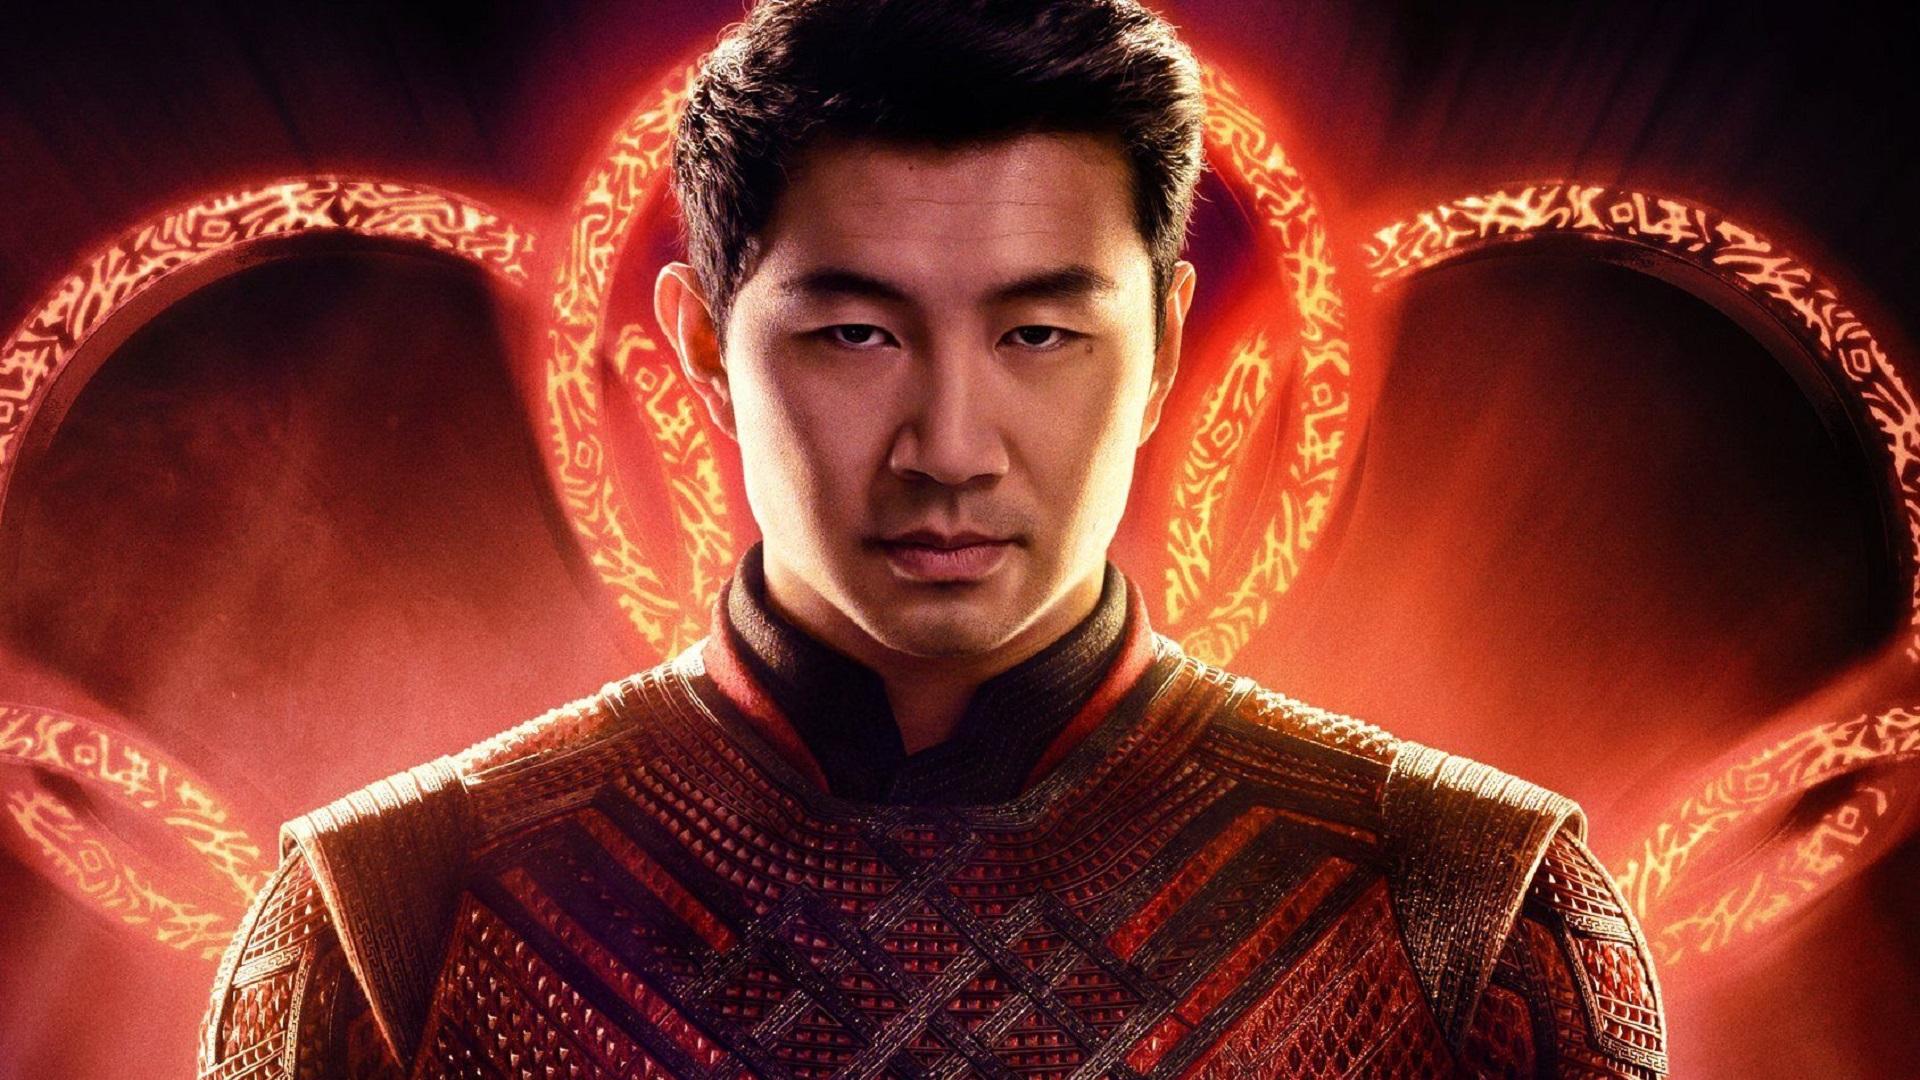 La película Shang-Chi y la leyenda de los Diez Anillos ya tiene tráiler